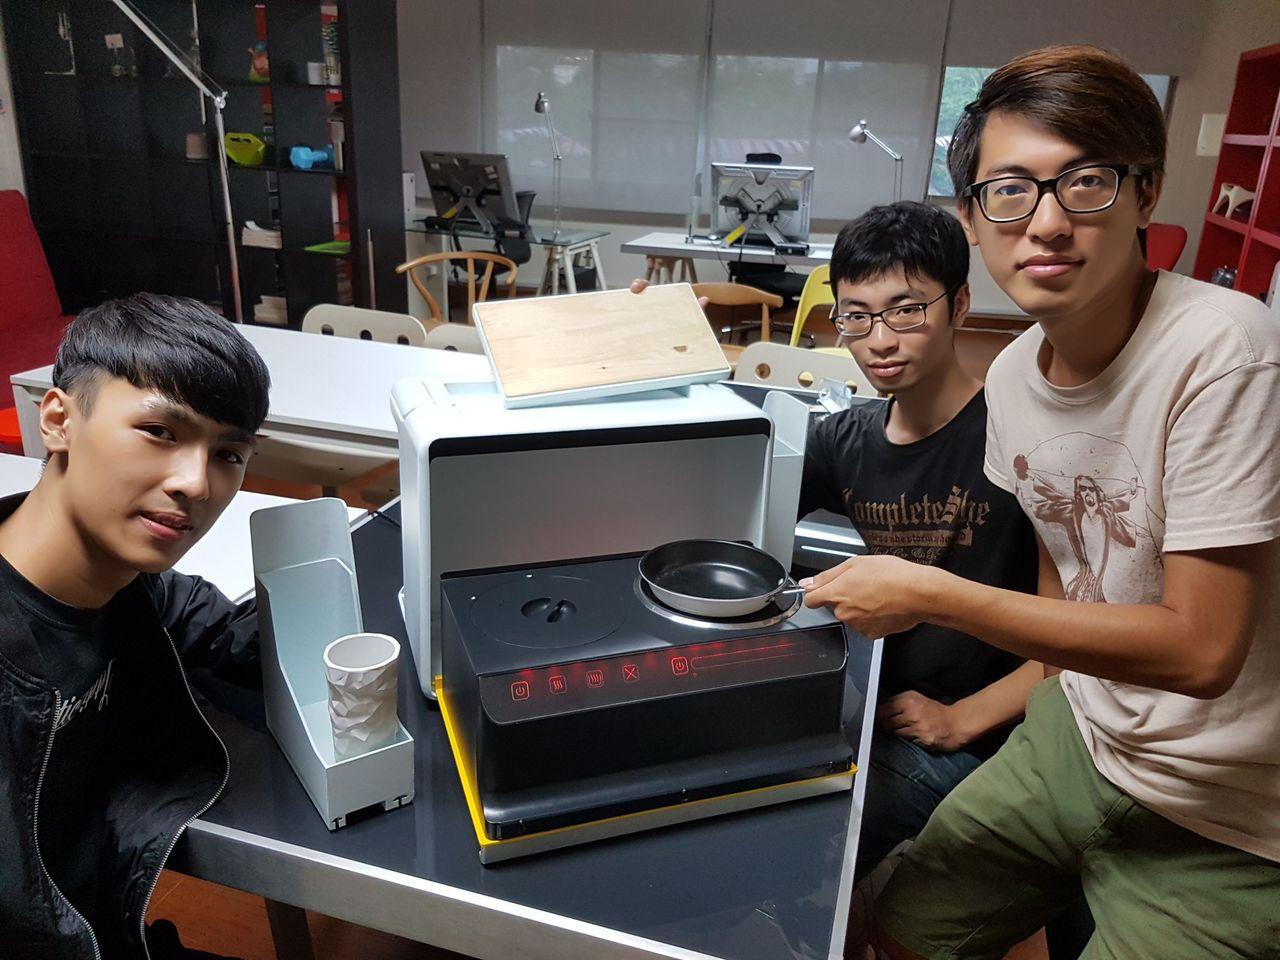 產設系學生研發的「攜帶式烹飪裝置」,將電鍋與電磁爐結合在一起。圖/樹德科技大學提...